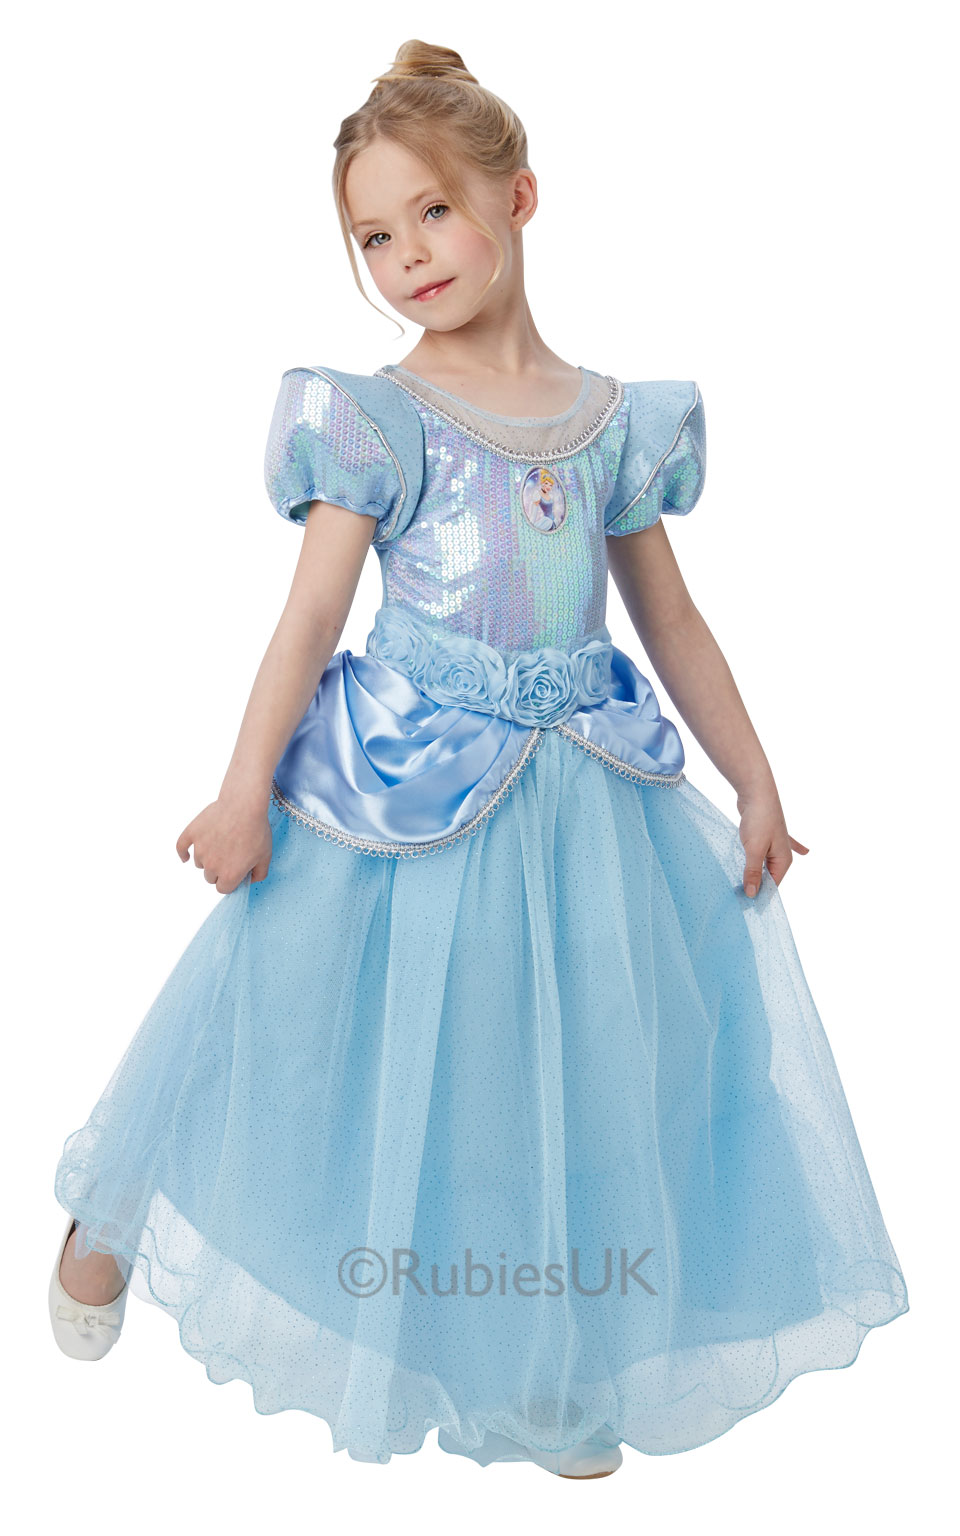 bfc4945ac3b Premium Cinderella Costume